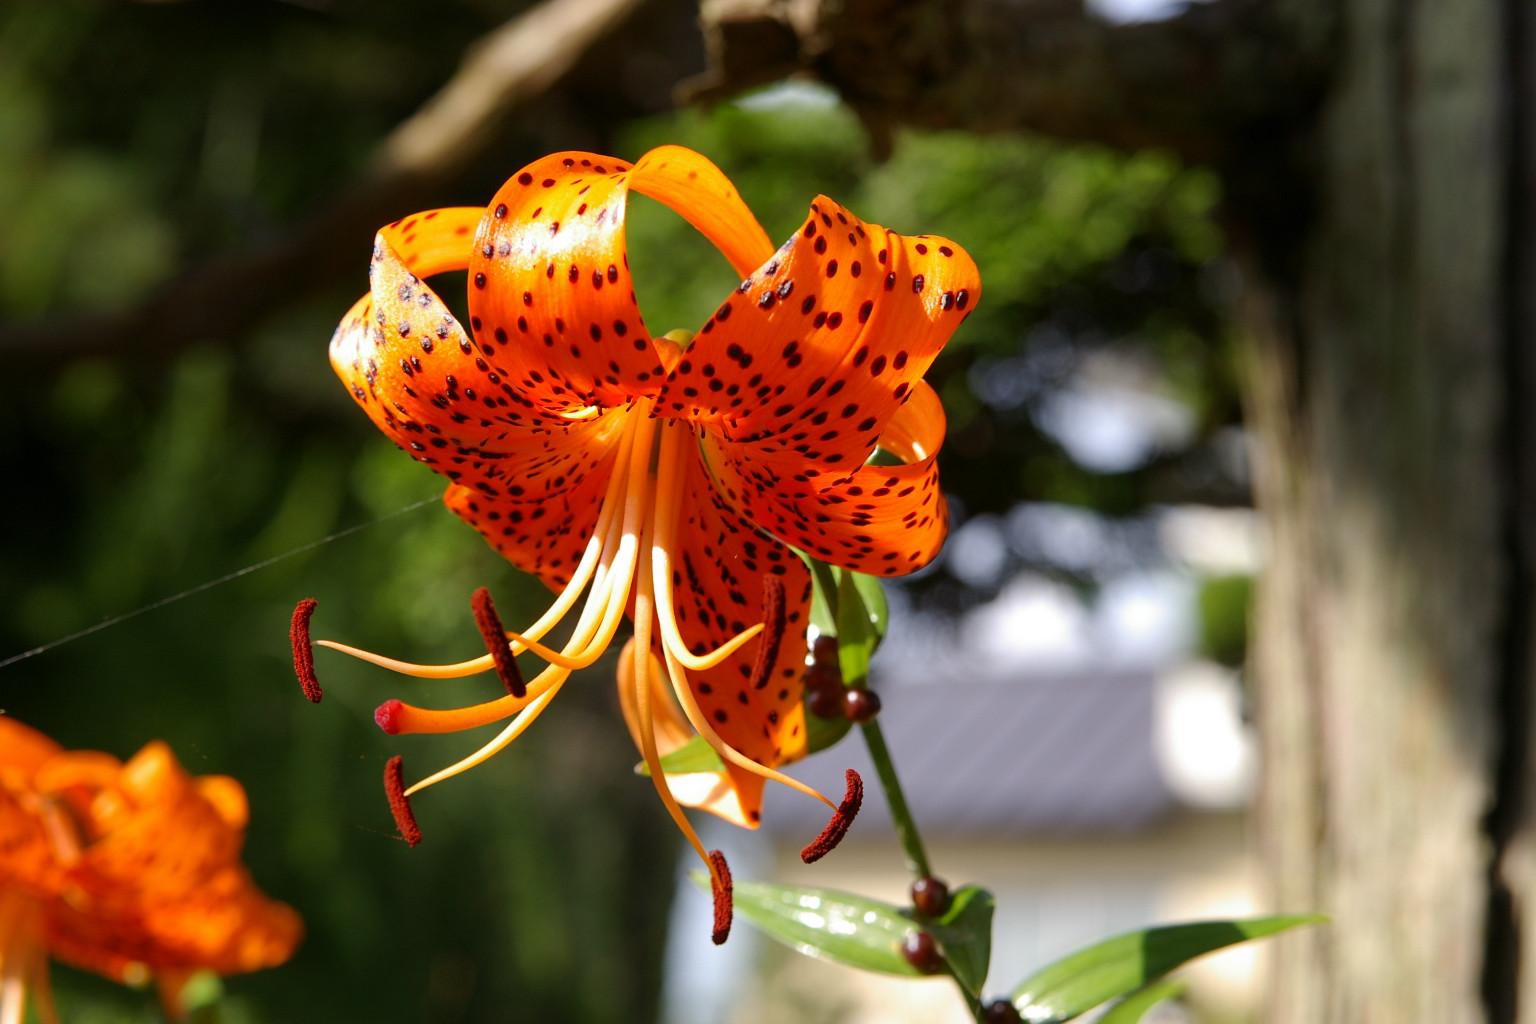 妻の実家では百合の花が綺麗でした